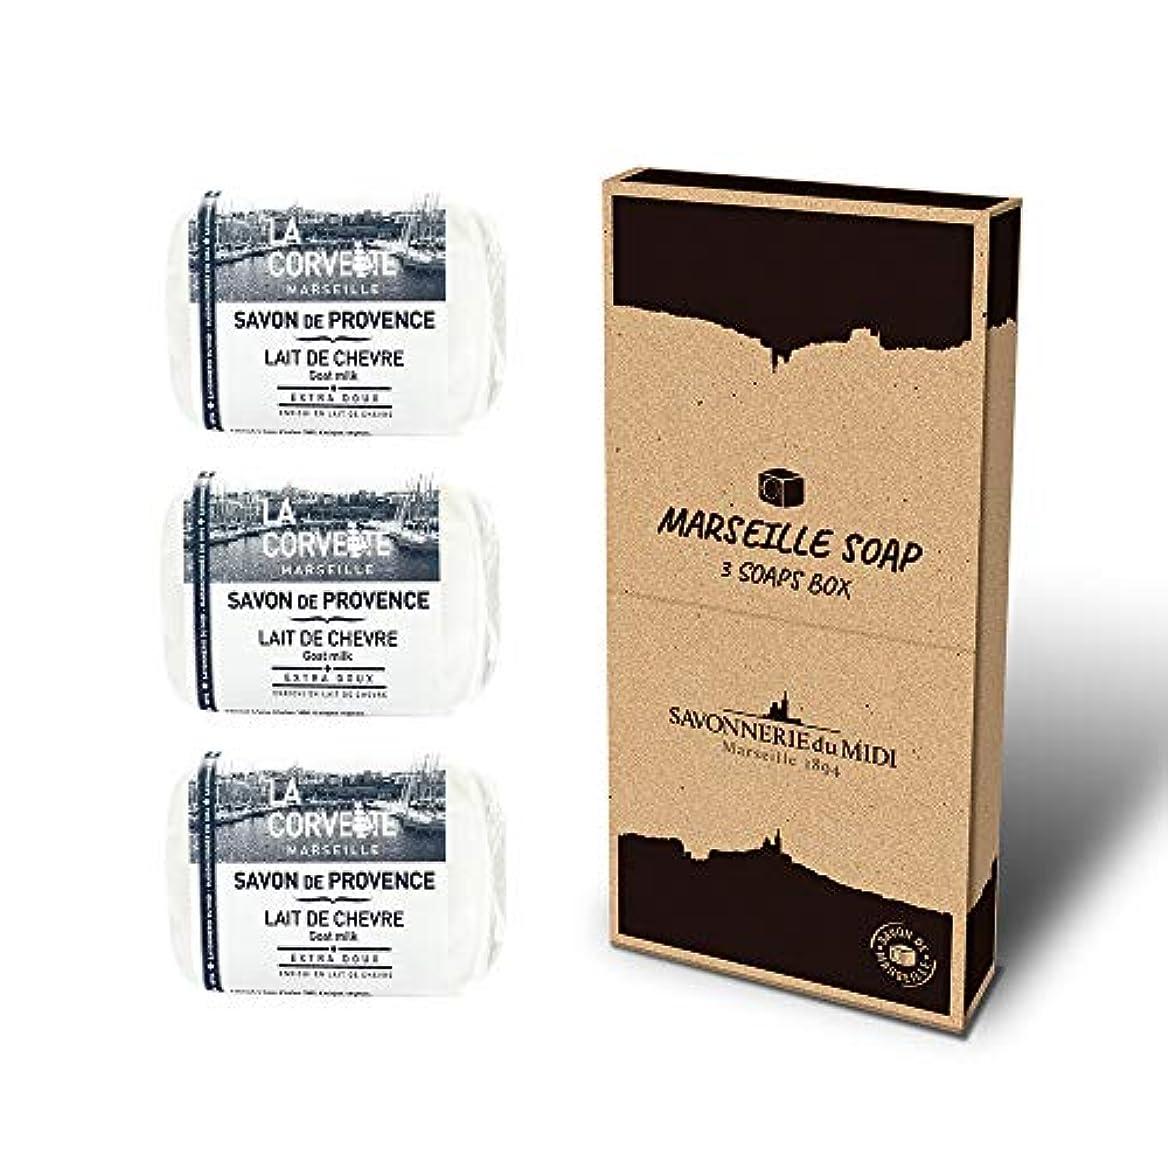 分析的ストレスの多い協力的マルセイユソープ 3Soaps BOX ゴートミルク